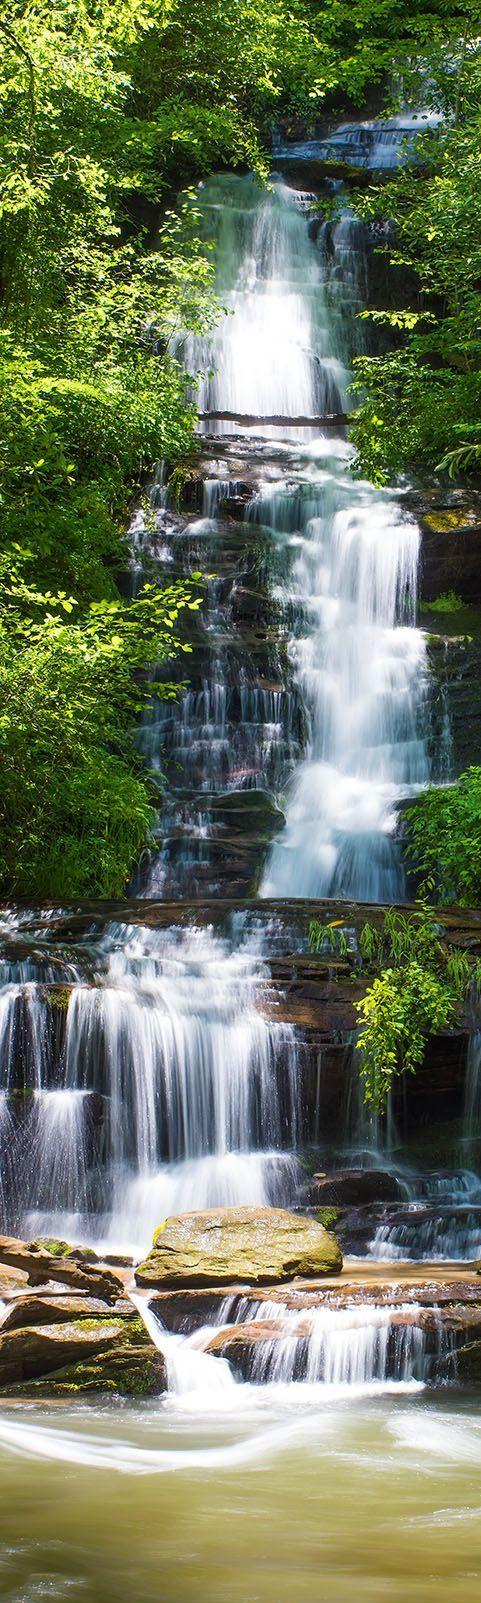 Dios es fuente de bendiciones Fondos Pinterest Dios es - fuentes de cascada